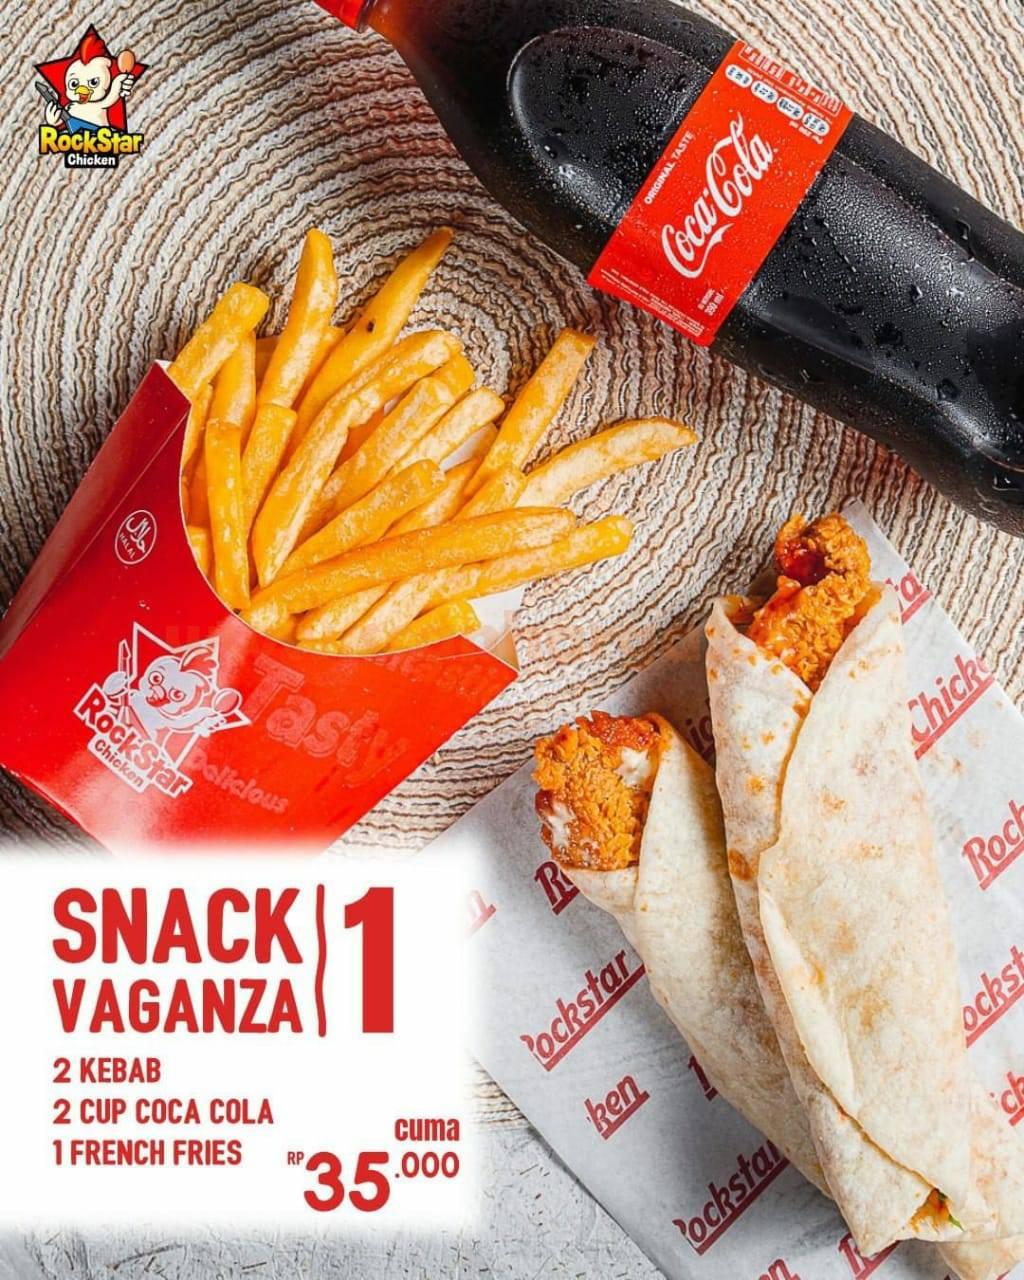 Promo Rockstar Chicken Paket Snack Vaganza 3